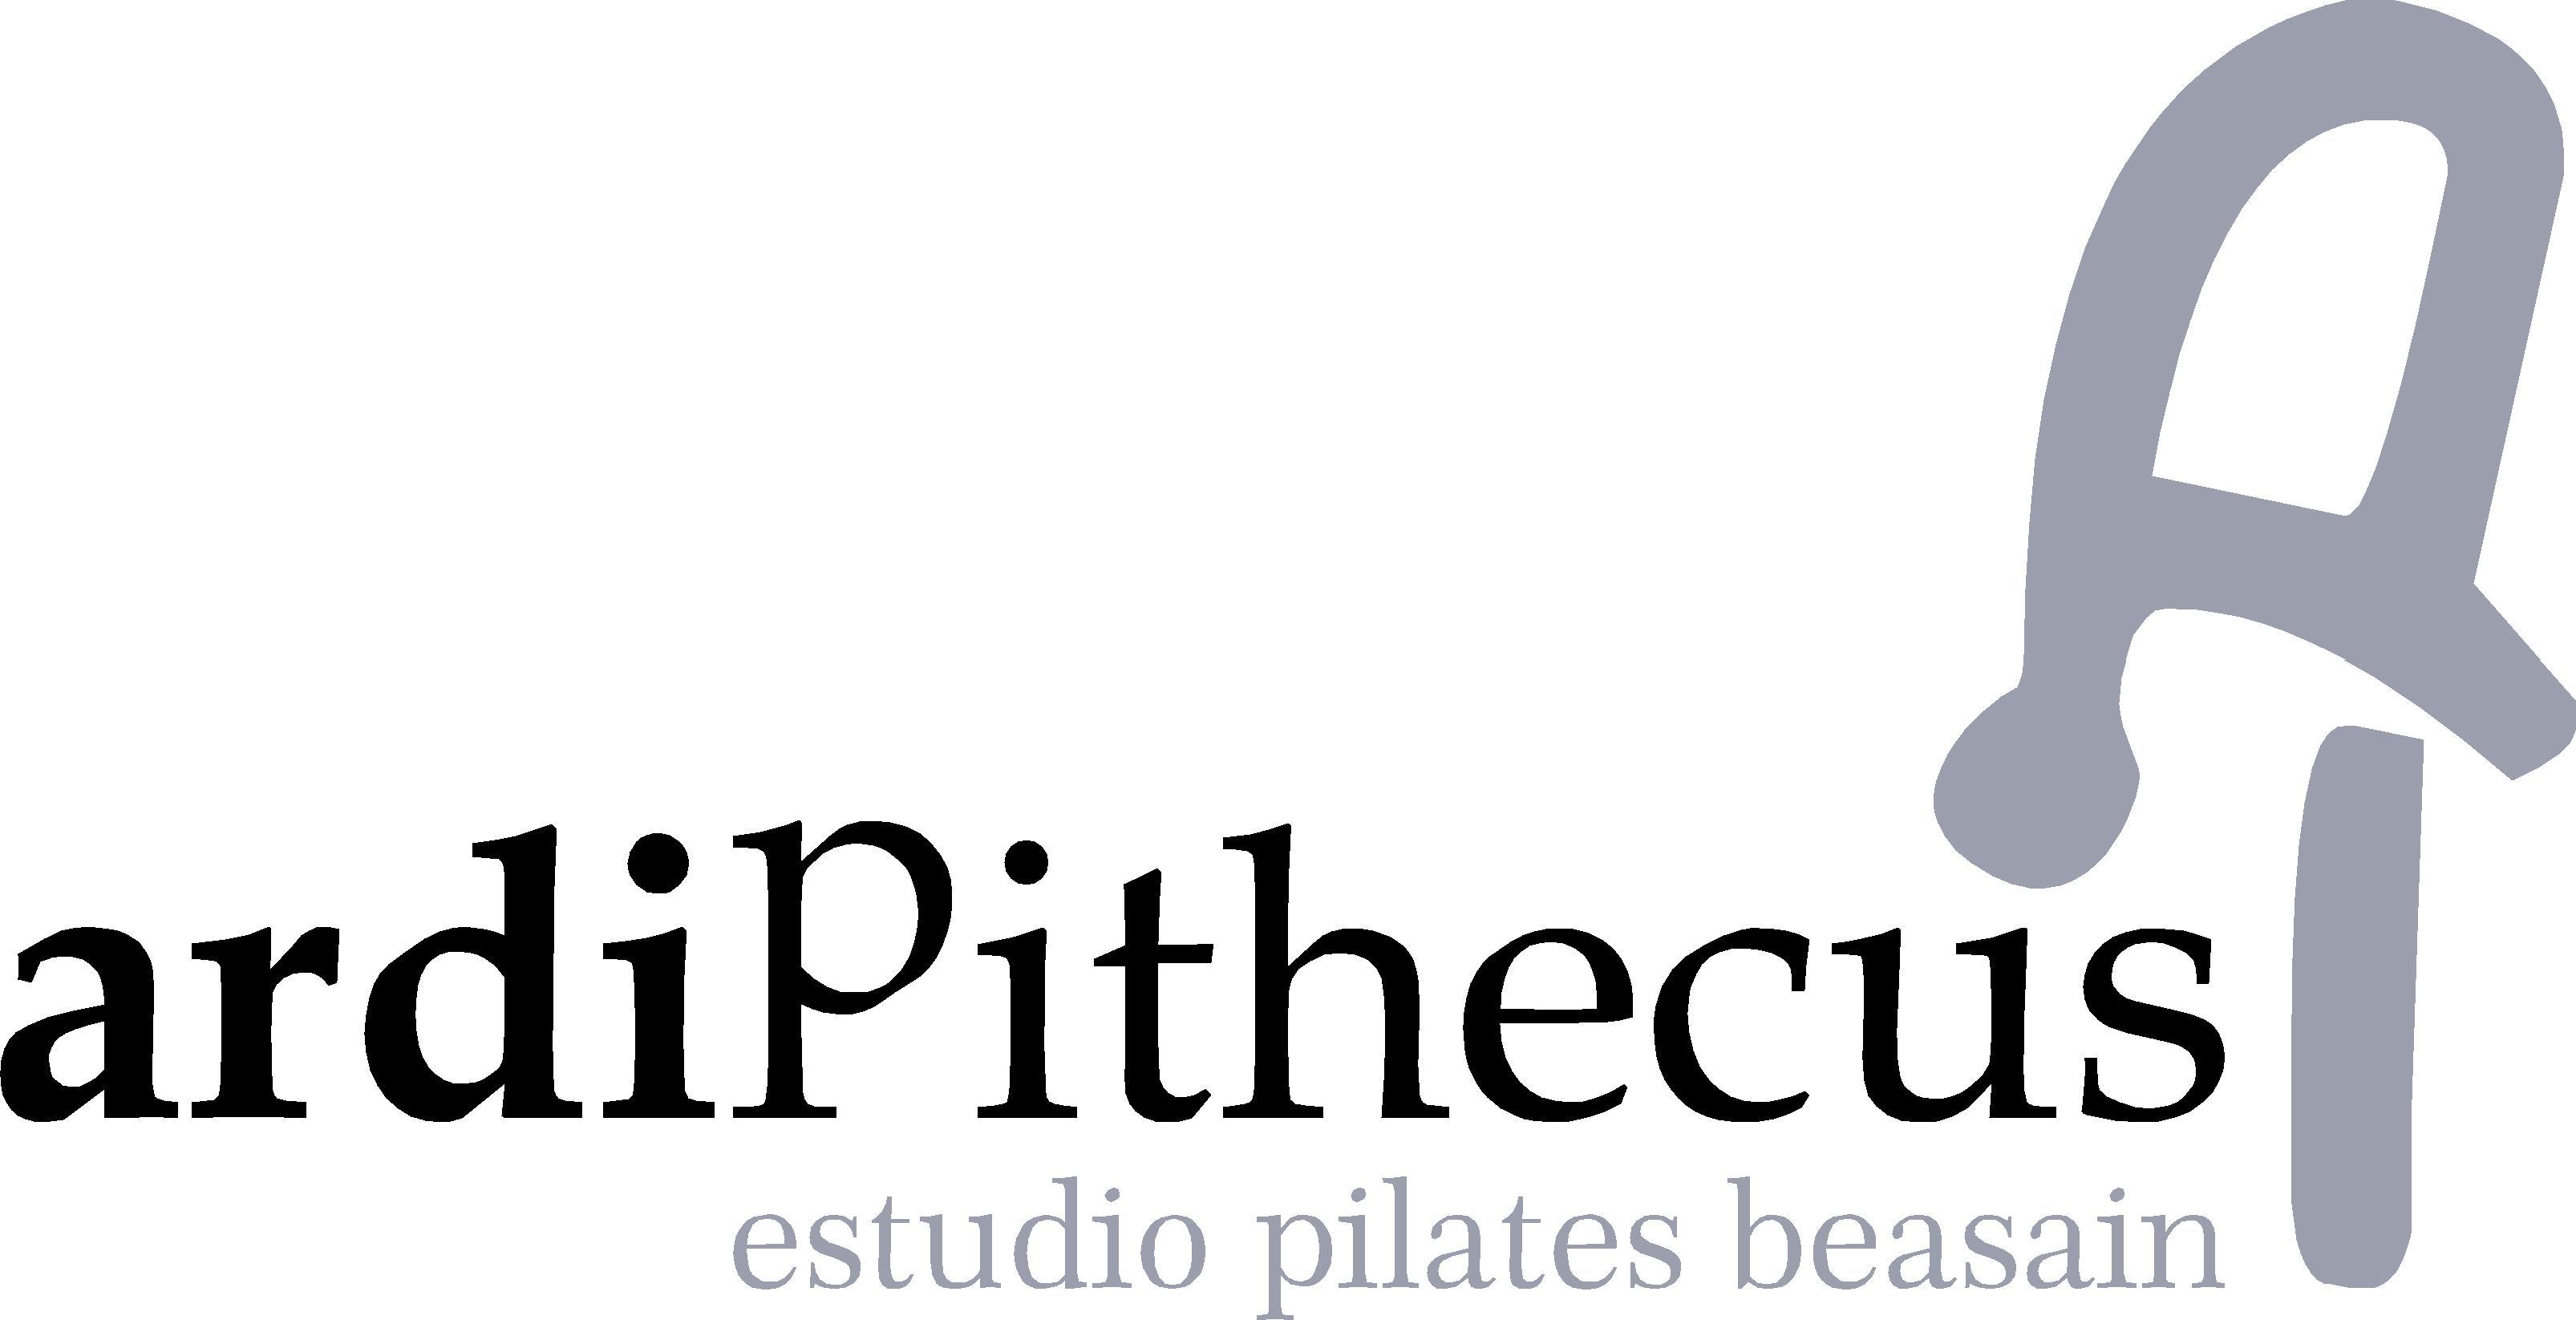 Ardipithecus Estudio Pilates